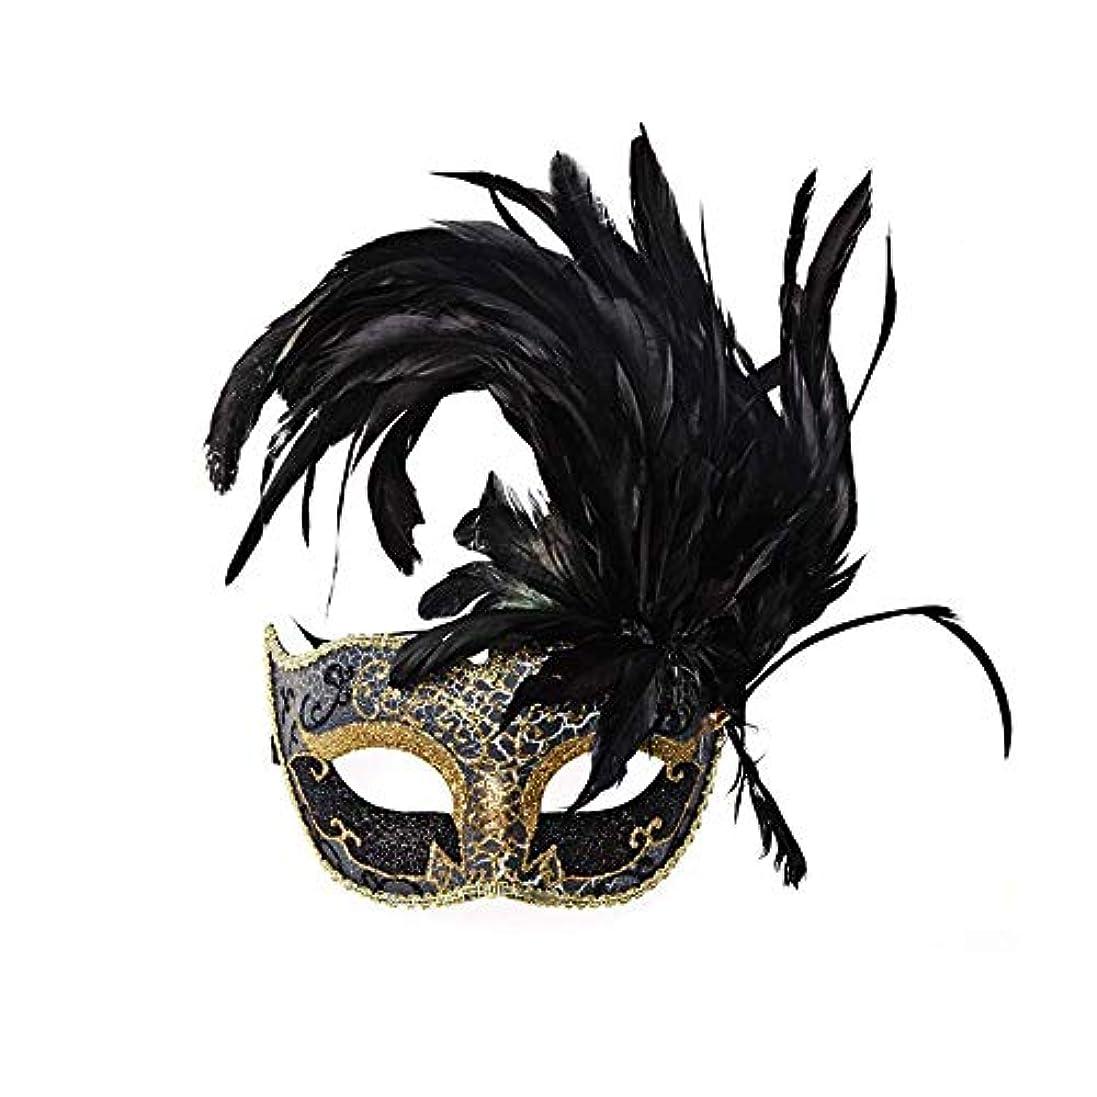 ジャンプ童謡アシスタントNanle ハロウィンマスクハーフフェザーマスクベニスプリンセスマスク美容レース仮面ライダーコスプレ (色 : Style A black)